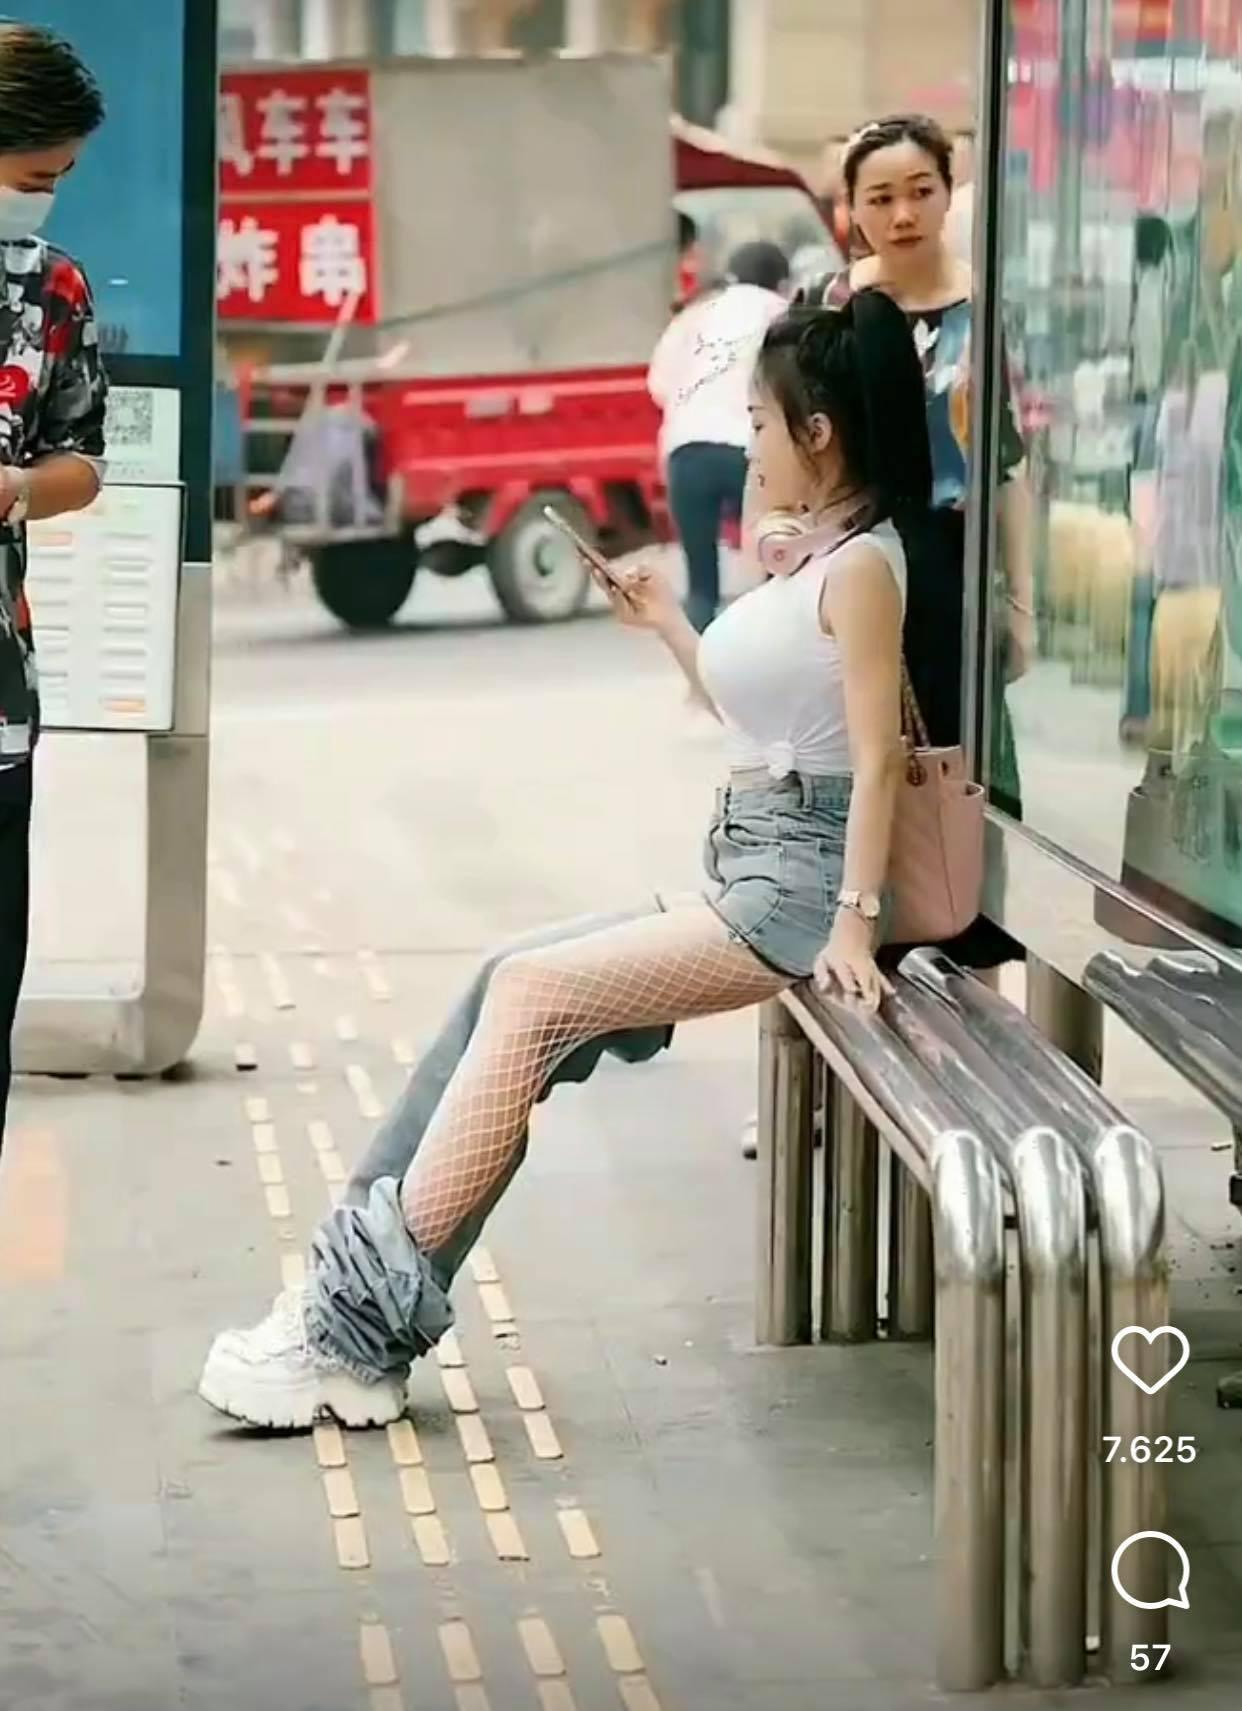 Ngồi chờ xe buýt, hot girl khiến người đi đường nhìn chằm chằm vì chiếc quần kỳ cục